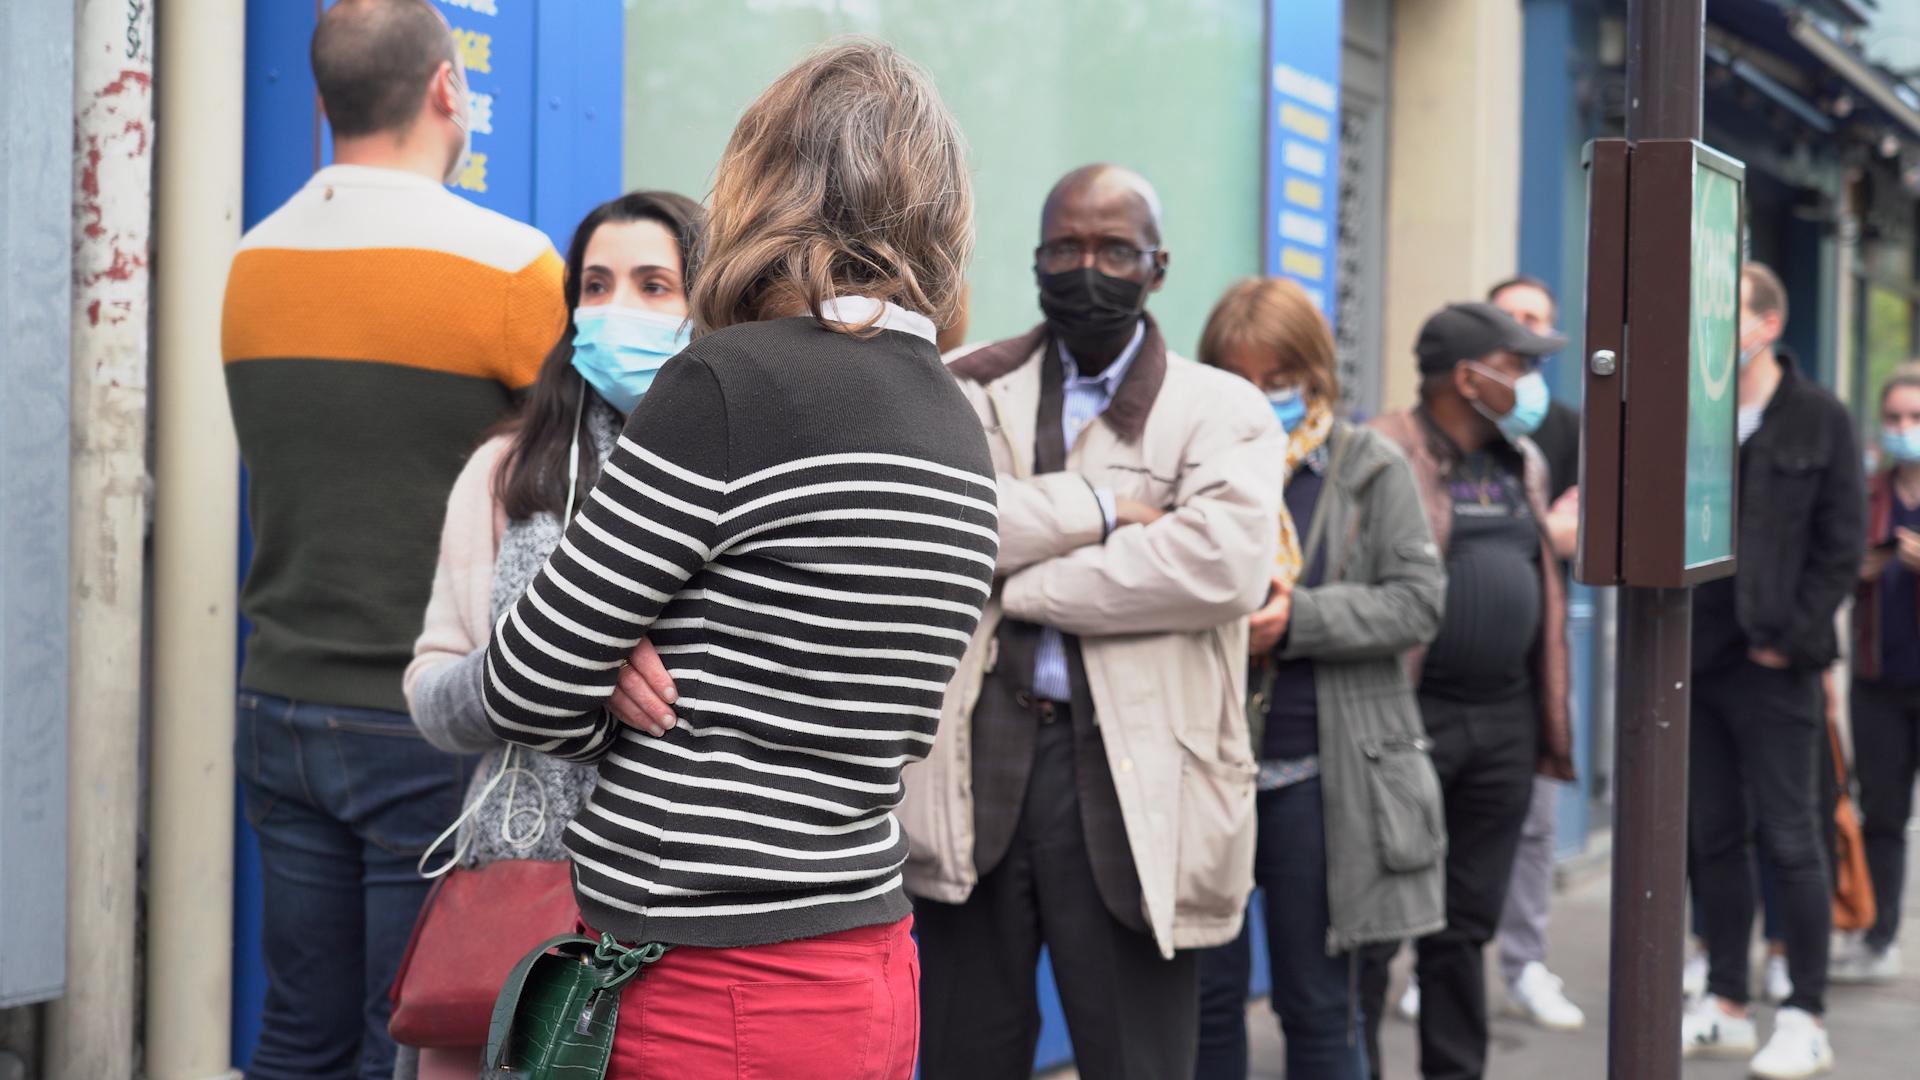 VIDÉO. Chasseurs de doses cherchent vaccins désespérément : «Si je ne trouve pas, j'irai aux Etats-Unis»